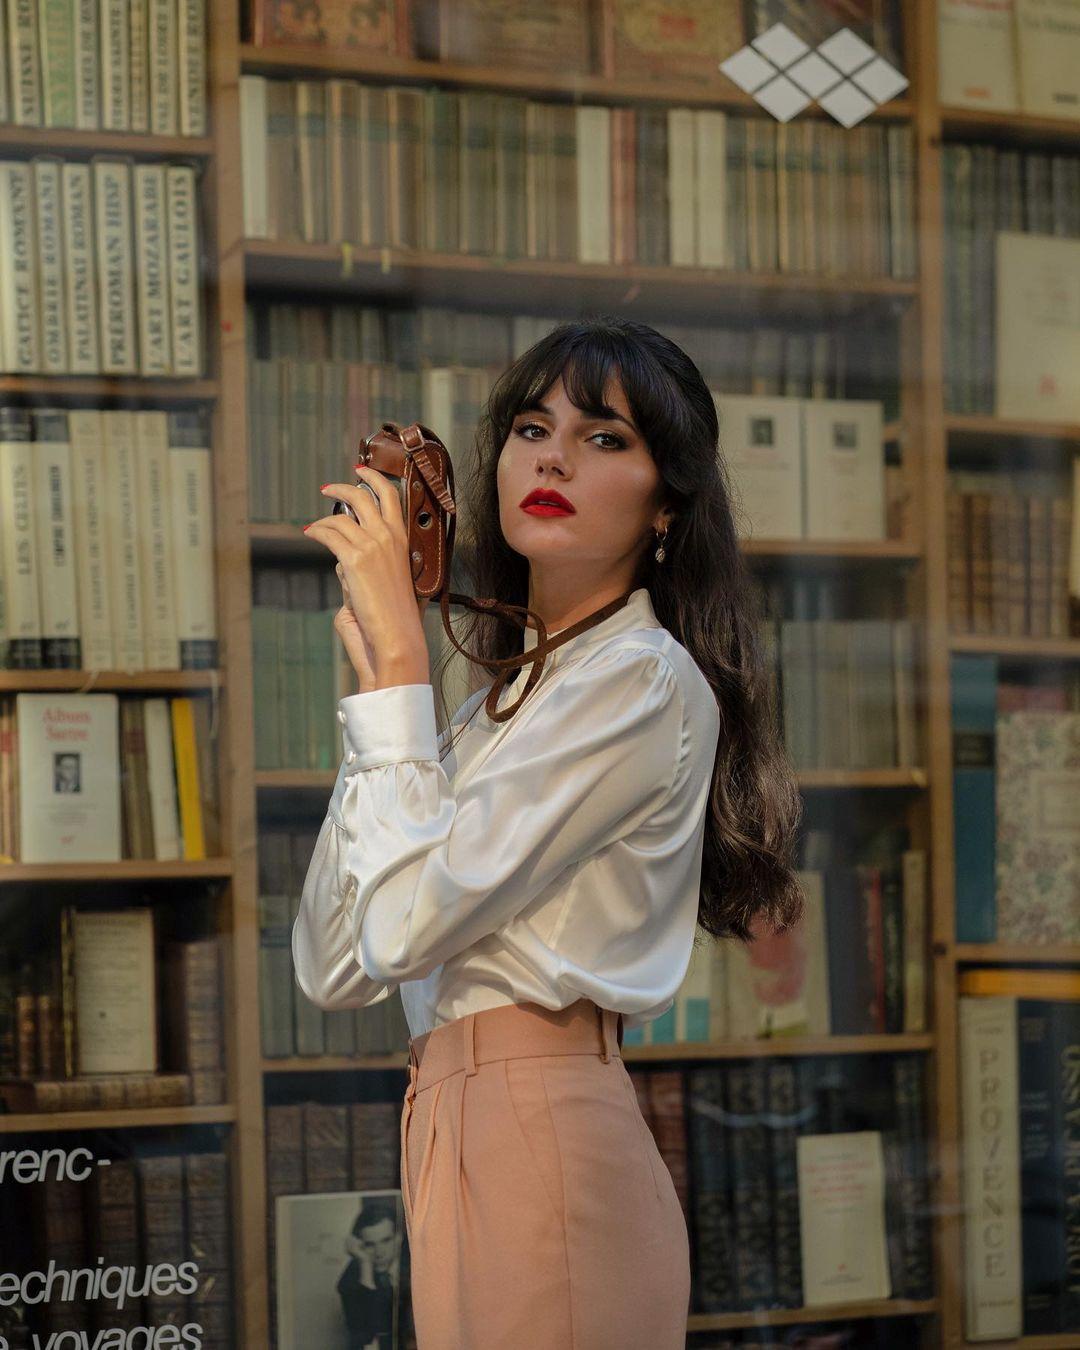 Điểm mặt 5 kiểu áo sơ mi của phụ nữ Pháp, chỉ cần diện đơn giản cũng đạt 100 điểm tinh tế! - Ảnh 3.